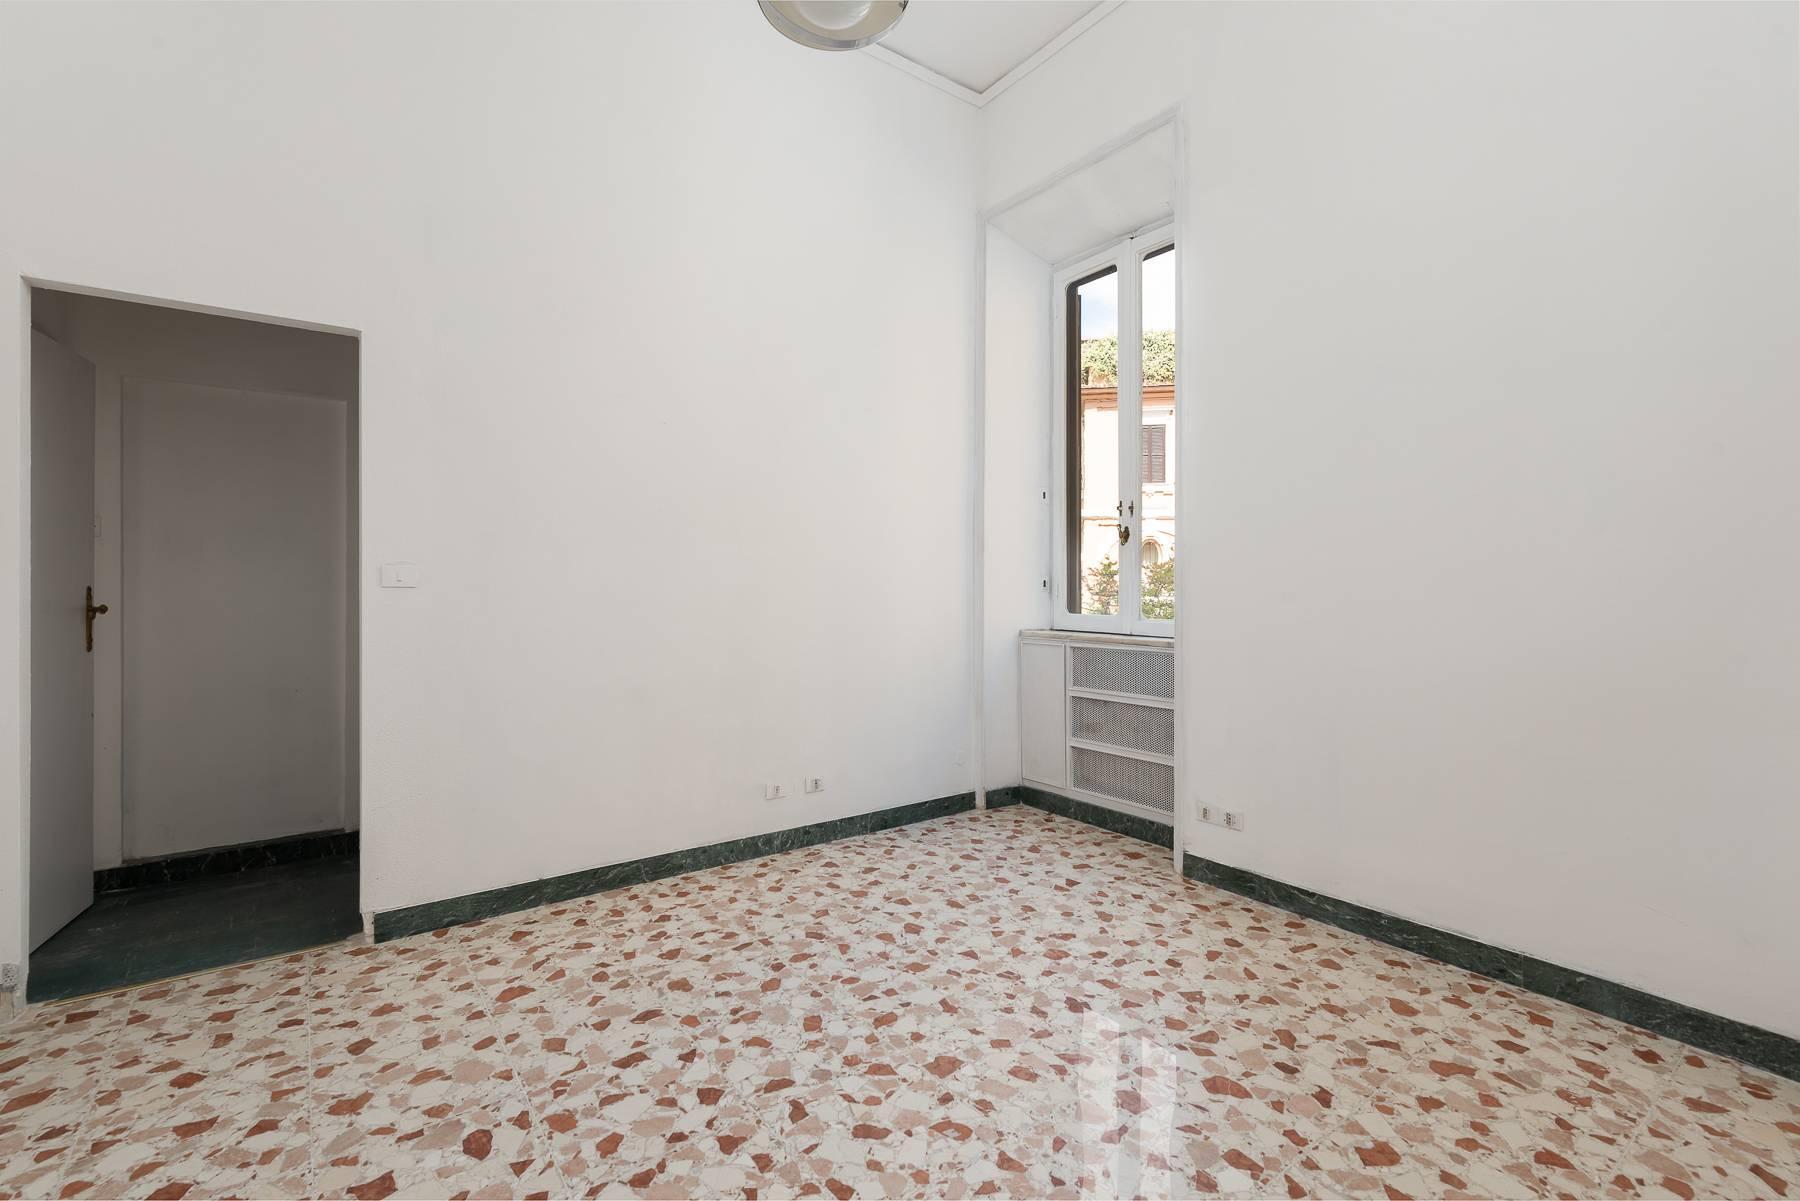 Elégant et spacieux appartement avec terrasse, jardin et garage. - 10